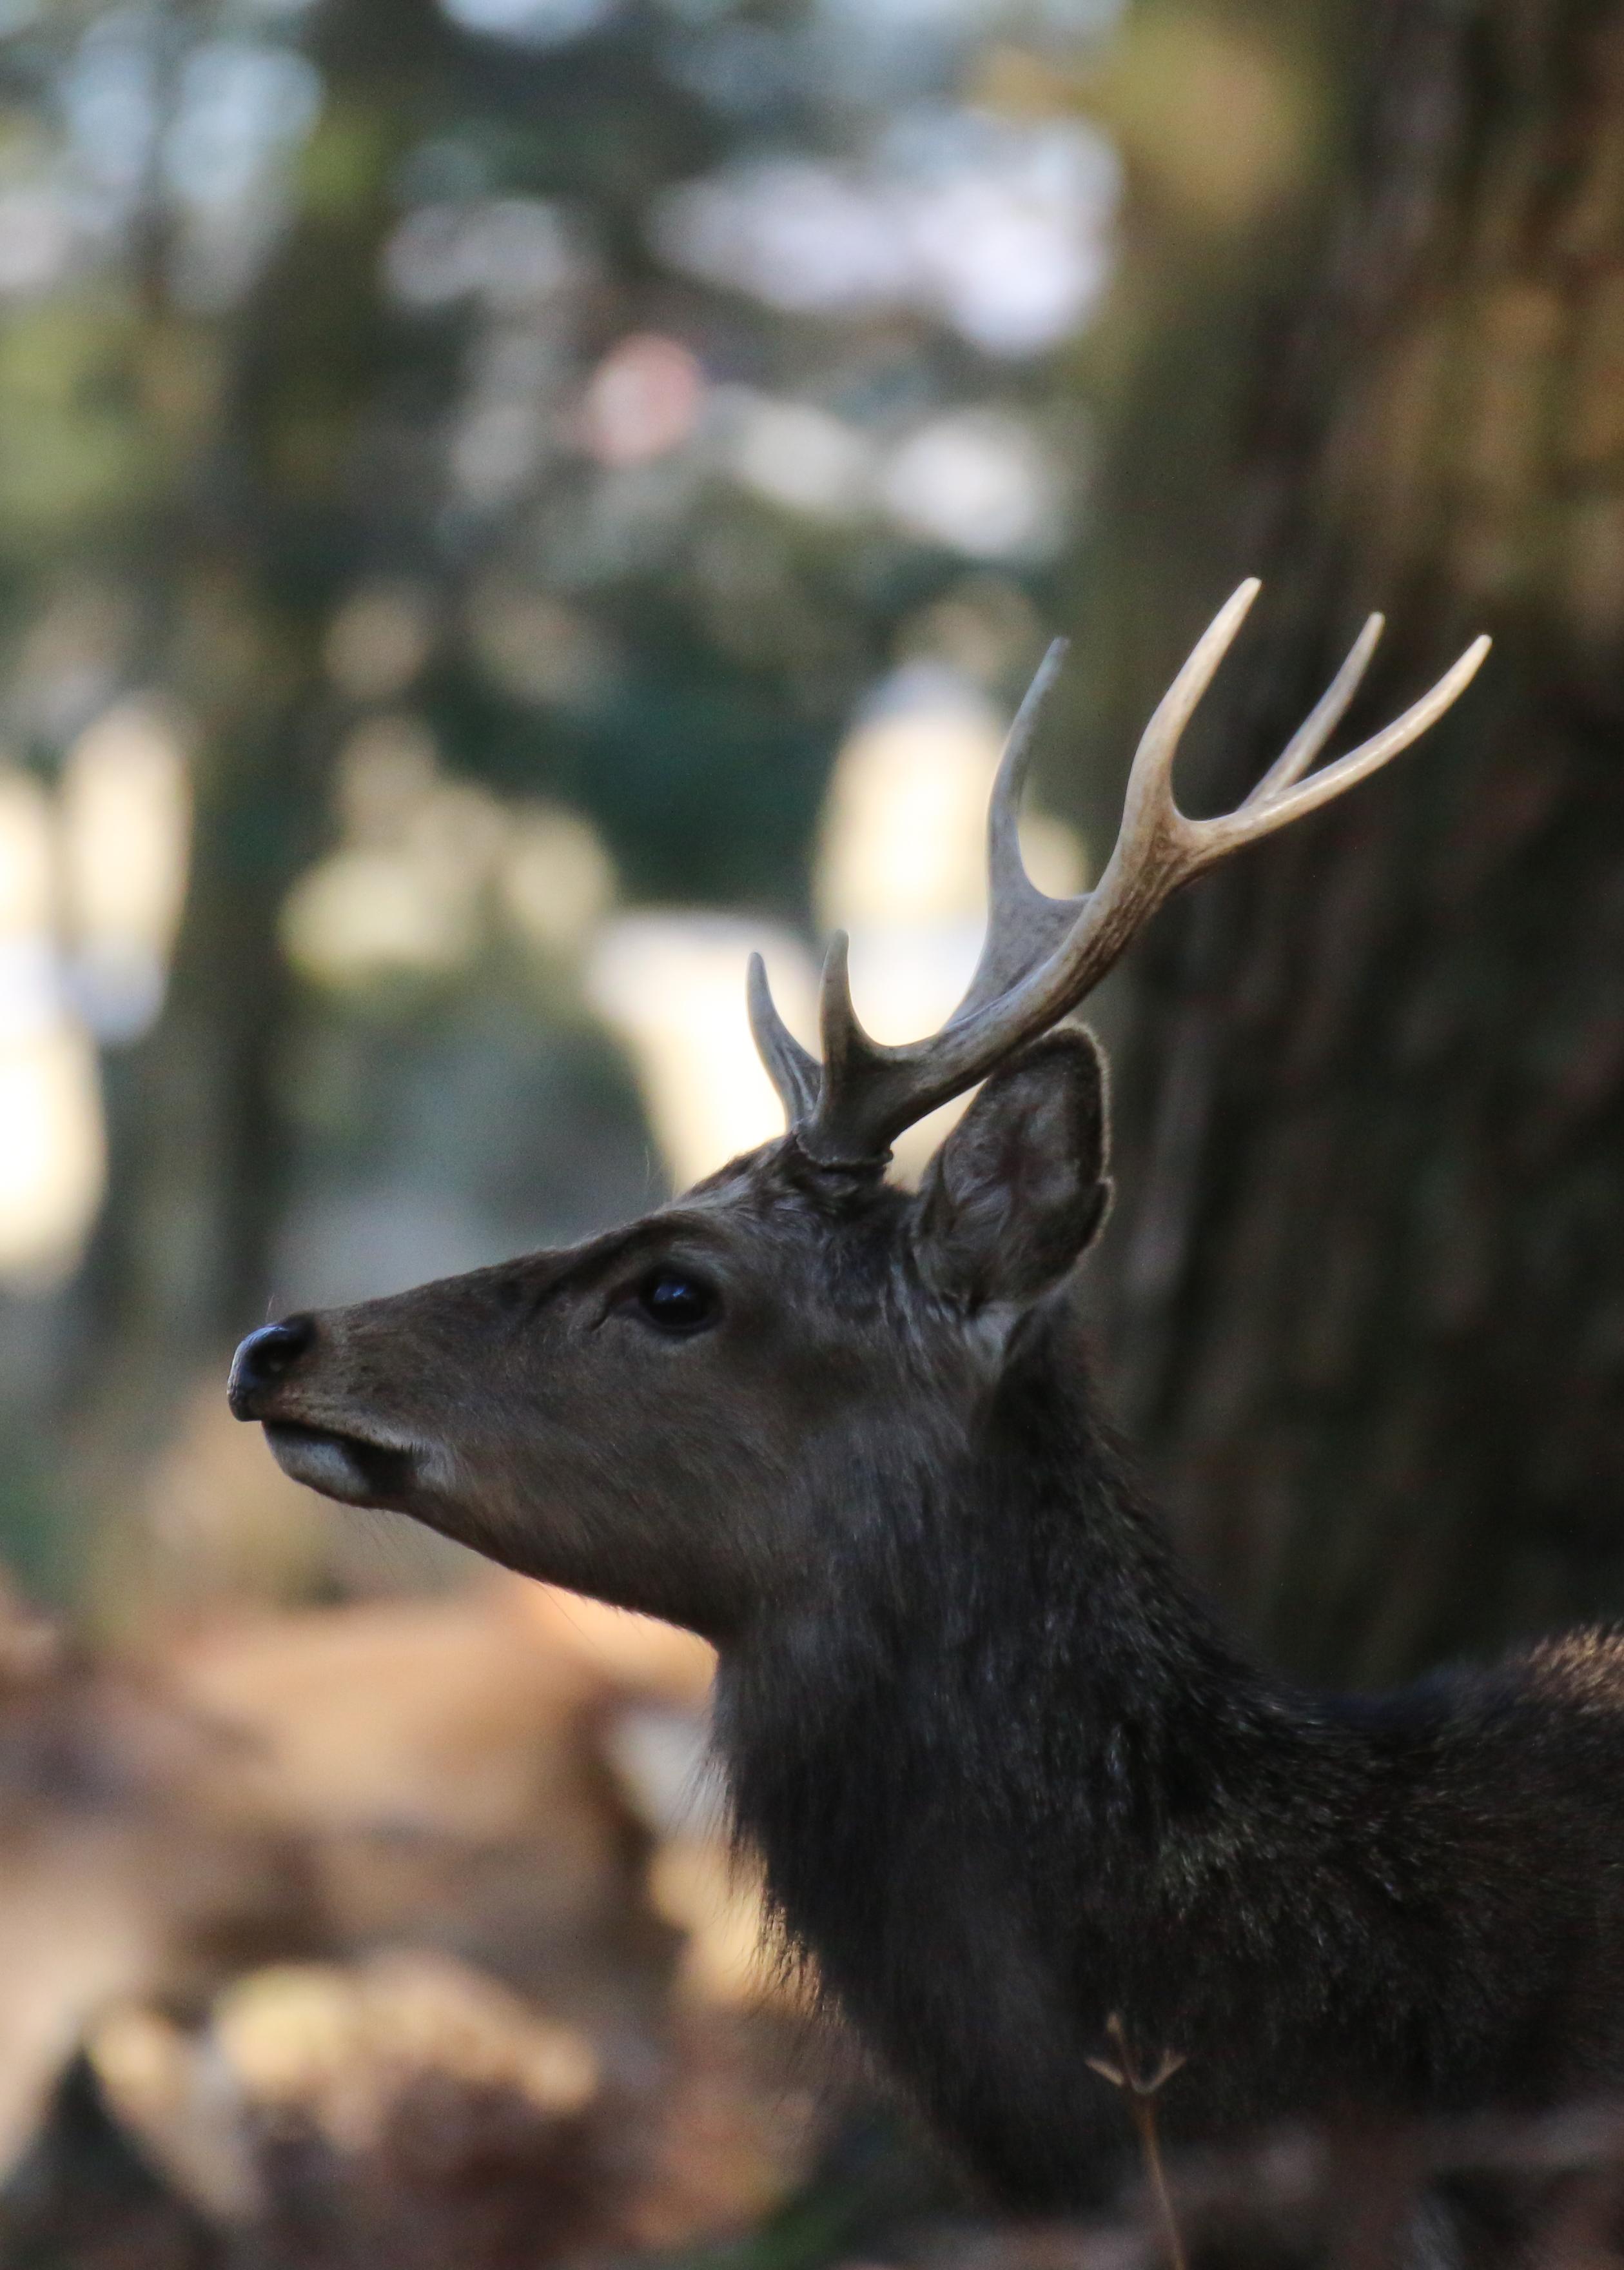 102203 скачать обои Животные, Олень, Животное, Коричневый, Дикая Природа - заставки и картинки бесплатно